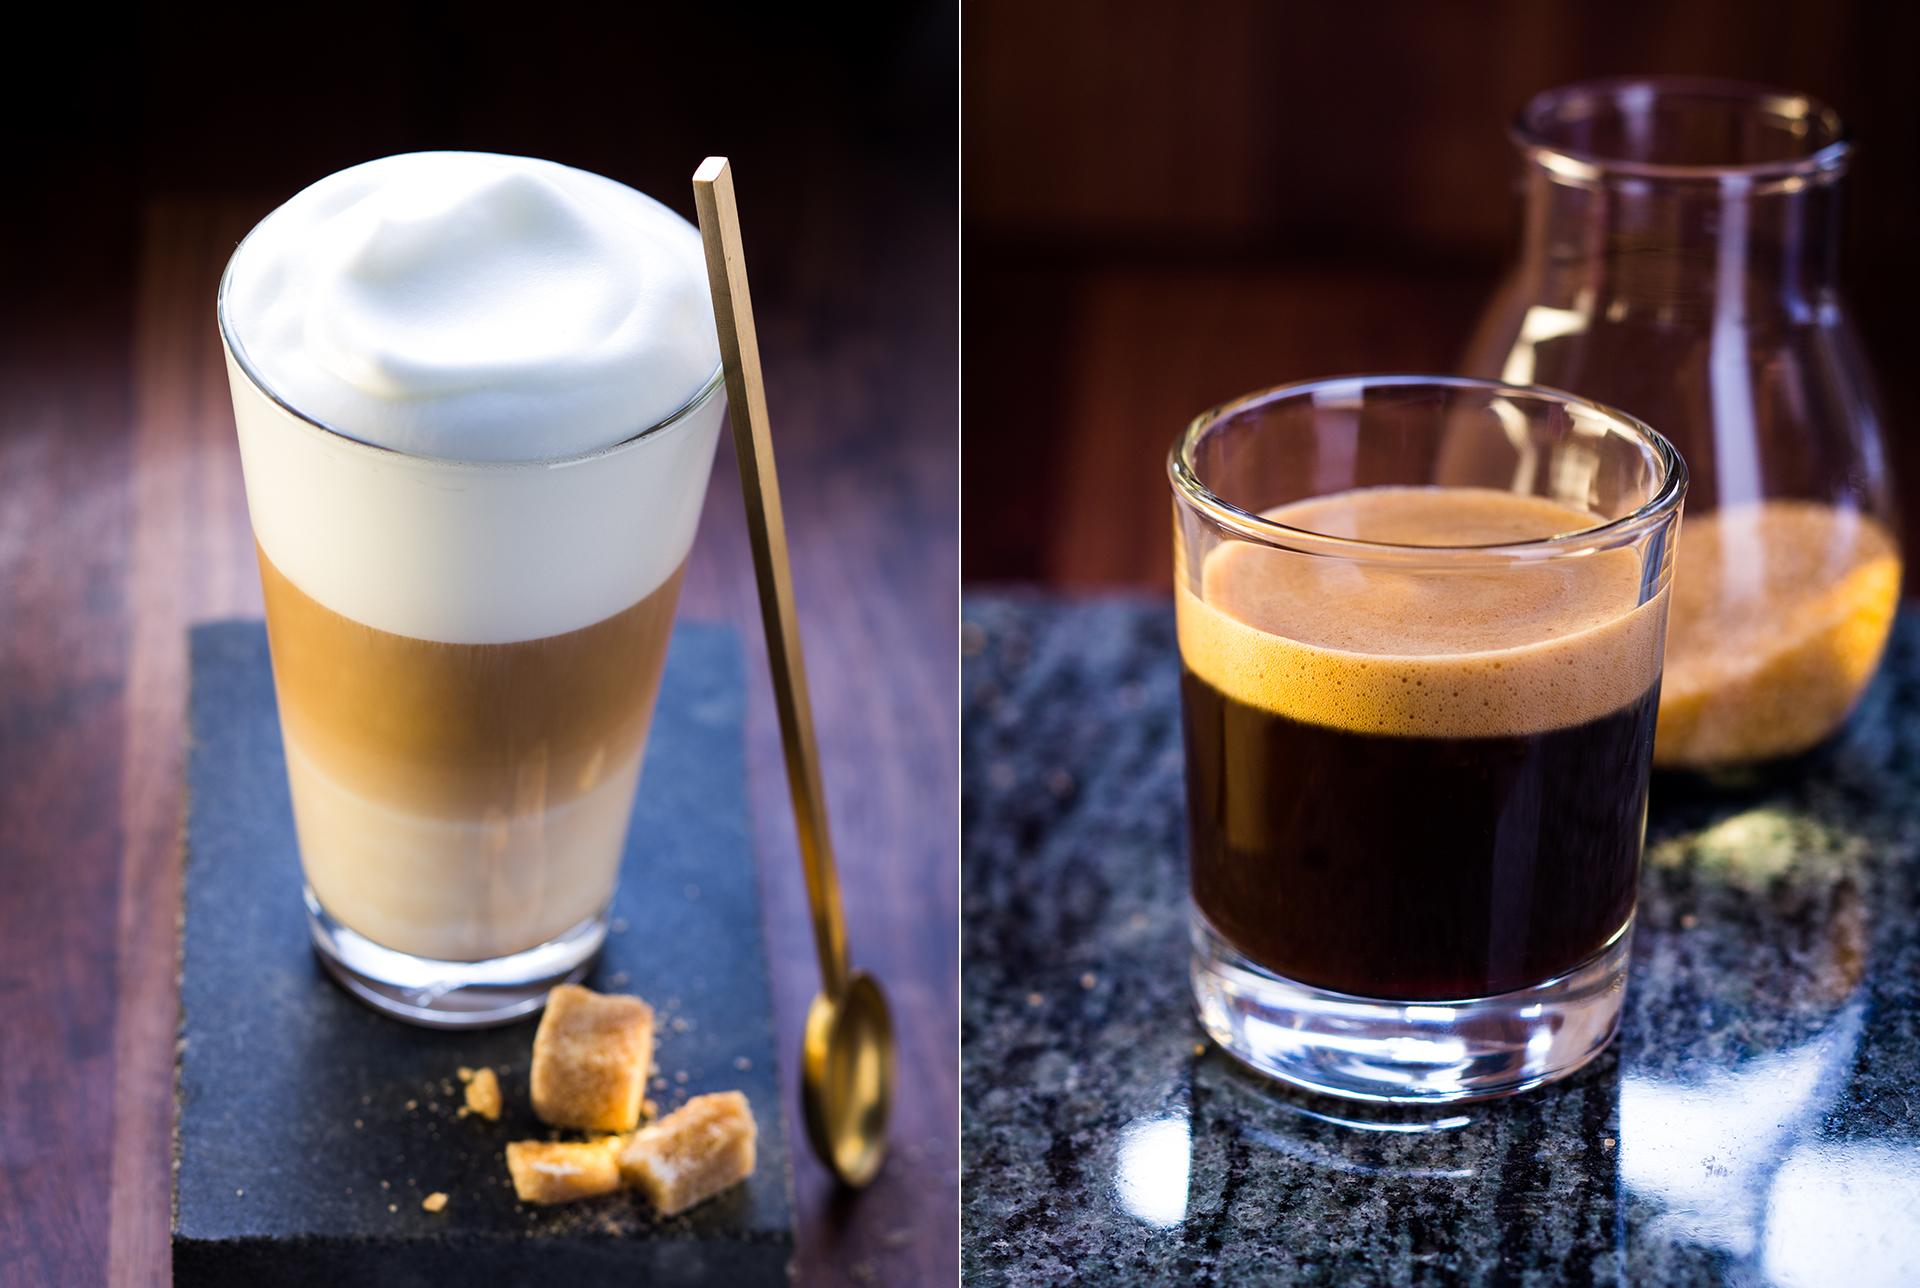 Foodfotografie Latte Macchiato mit Zuckerstuecke. Kaffee schwarz.